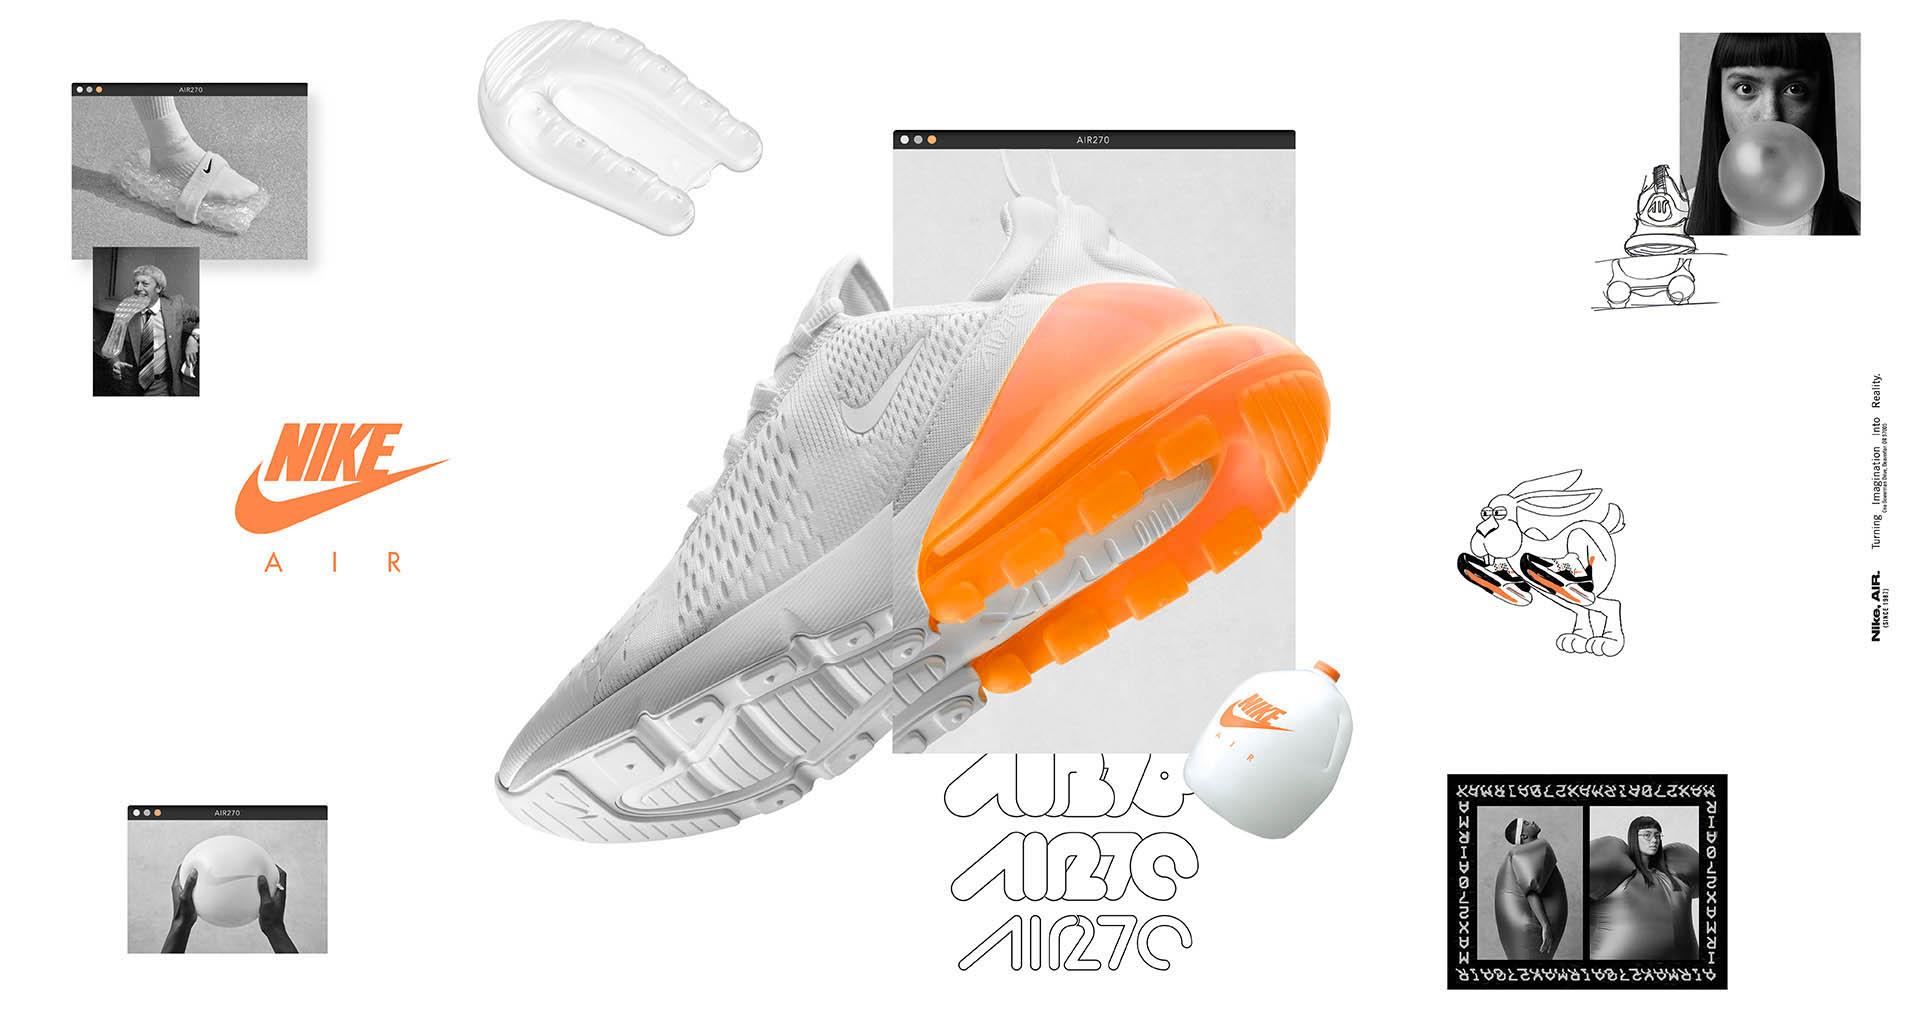 Nike Air Max 270 Air Max Day White Pack